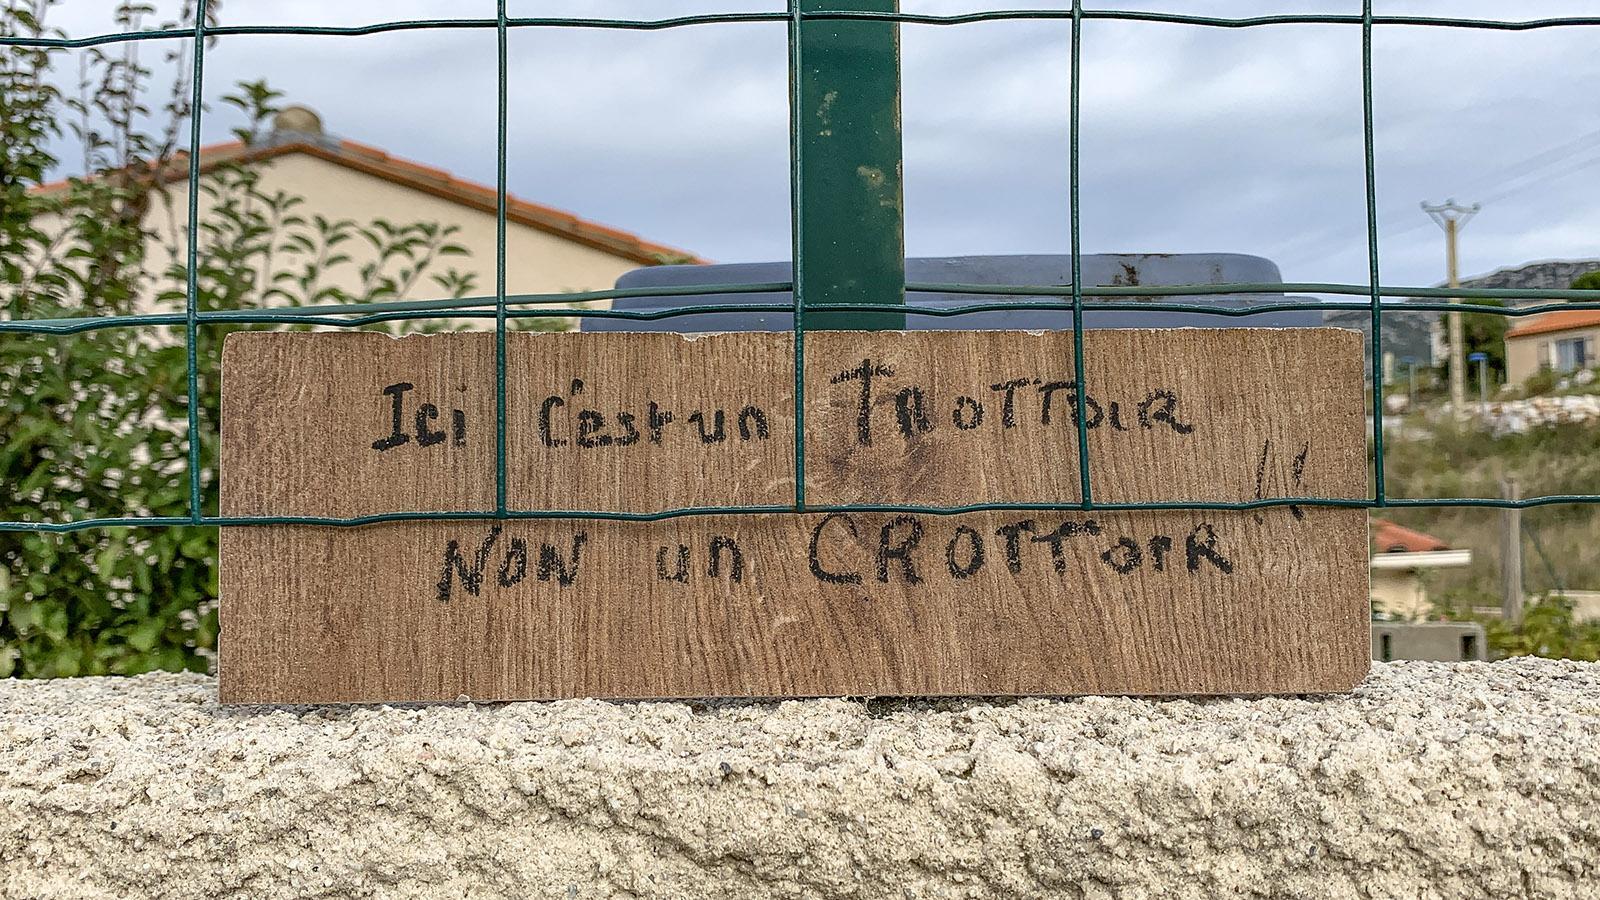 Crottes: Mit Wortwitz gegen Hundekot: Hier ist ein Bürgersteig, kein Platz für Hundedreck, informiert ein Nachbar an seinem Grundstückszaun. Foto: Hilke Maunder